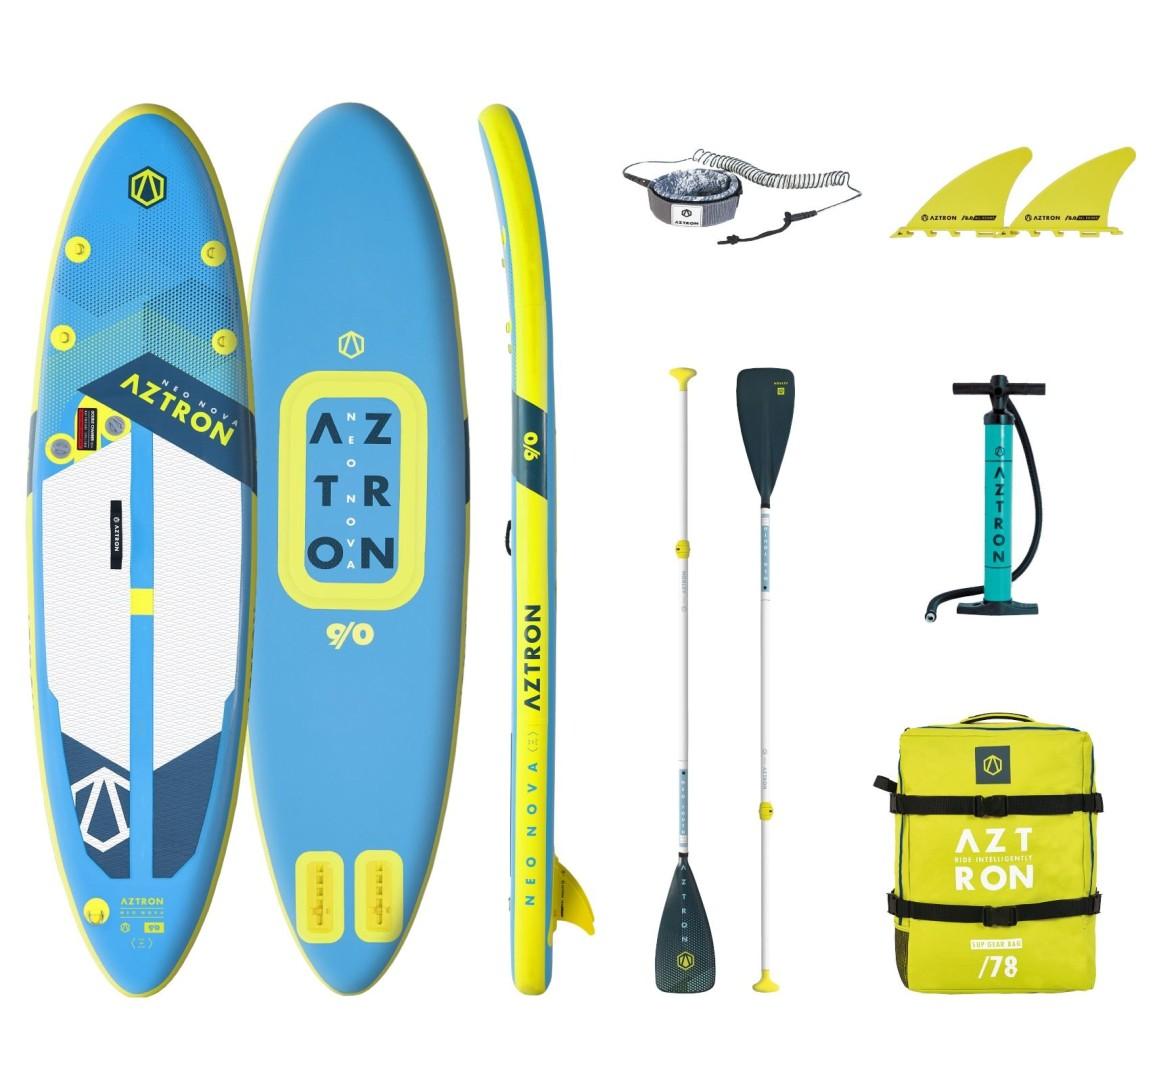 Paddleboard Aztron Neo Nova Compact Set 274cm